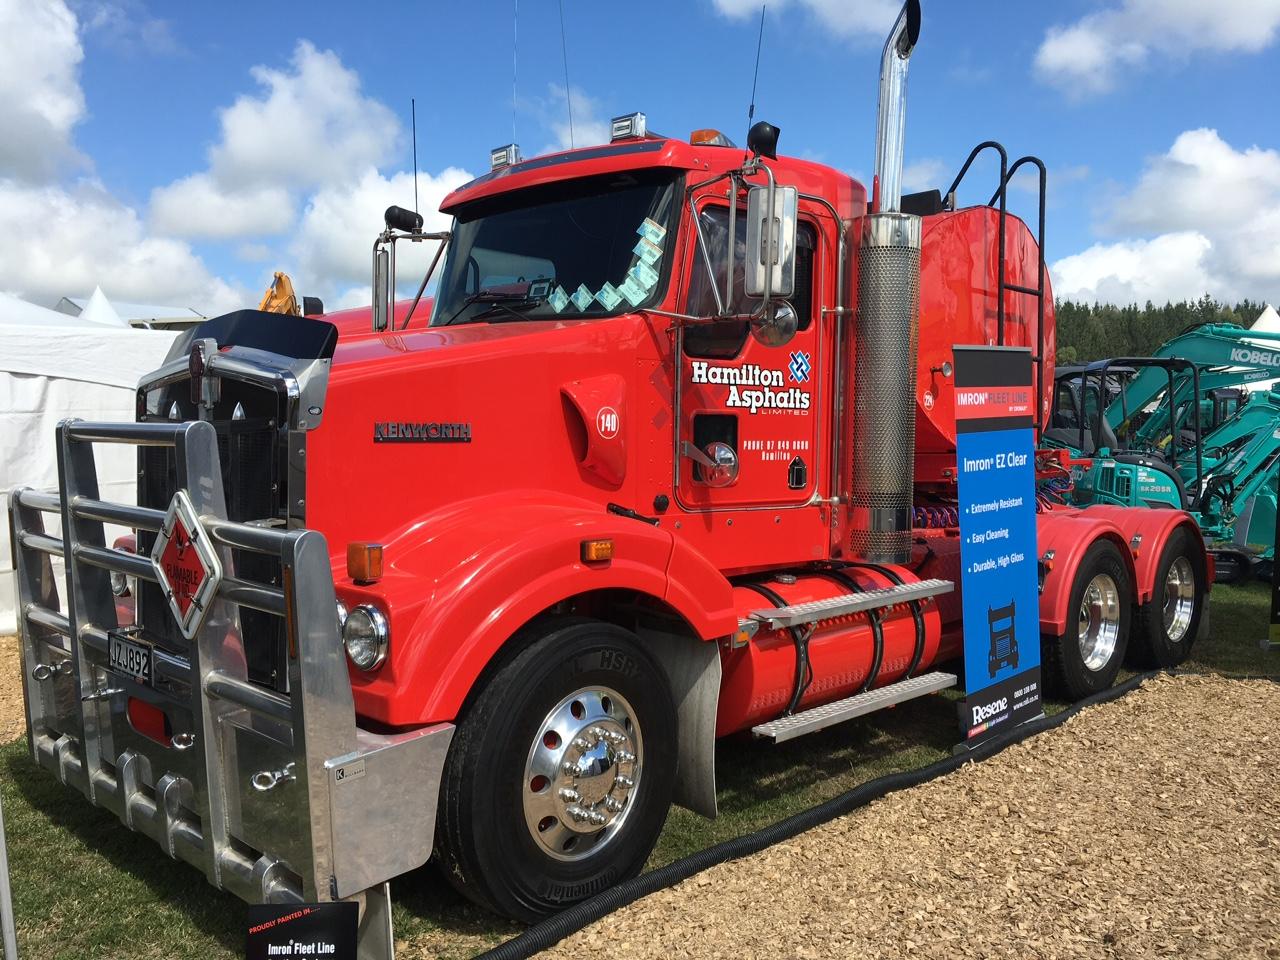 the-expo-hamilton-asphalt-truck